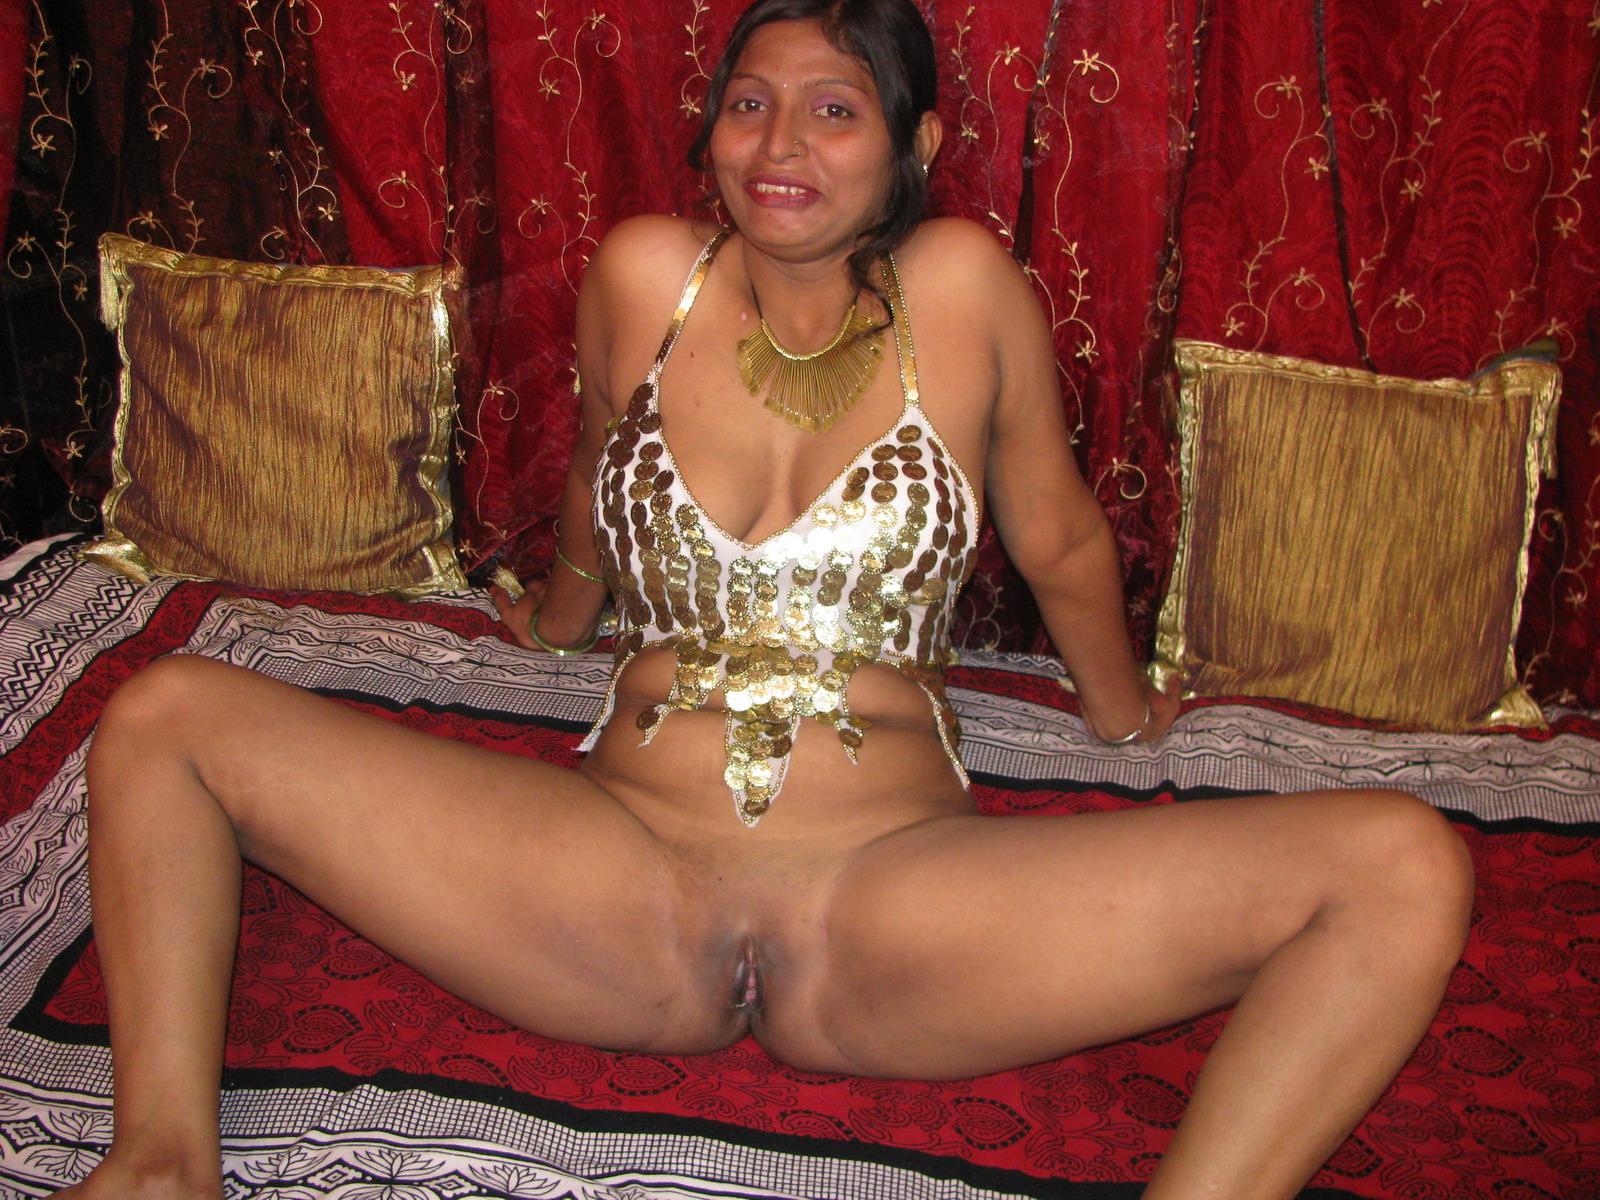 Секс по индийски фото 6 фотография